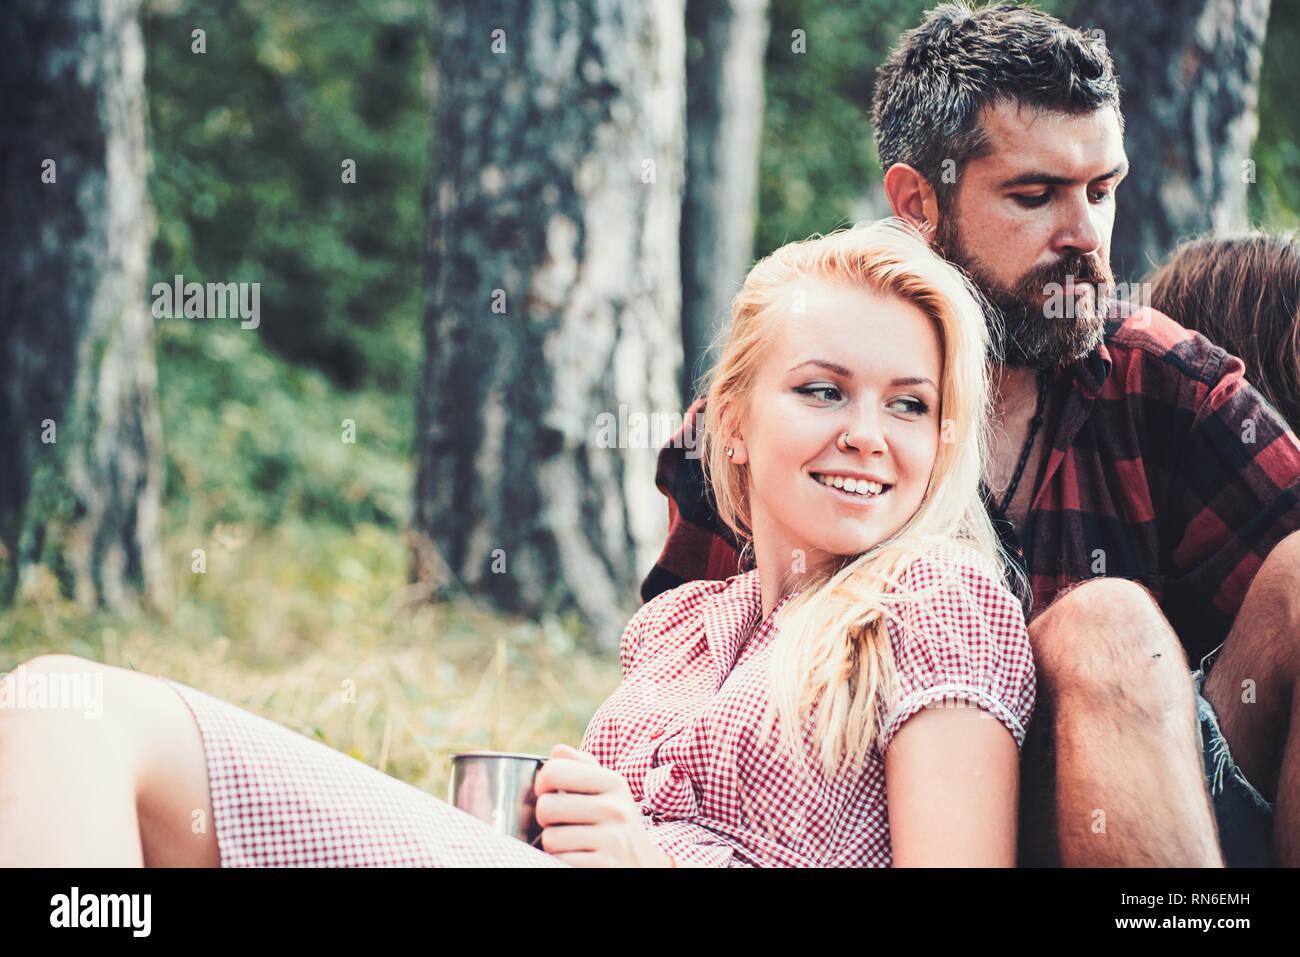 Fille blonde appuyée sur son petit ami. Groupe d'amis assis sur l'herbe à côté du feu de camp. Week-end romantique dans la nature Banque D'Images